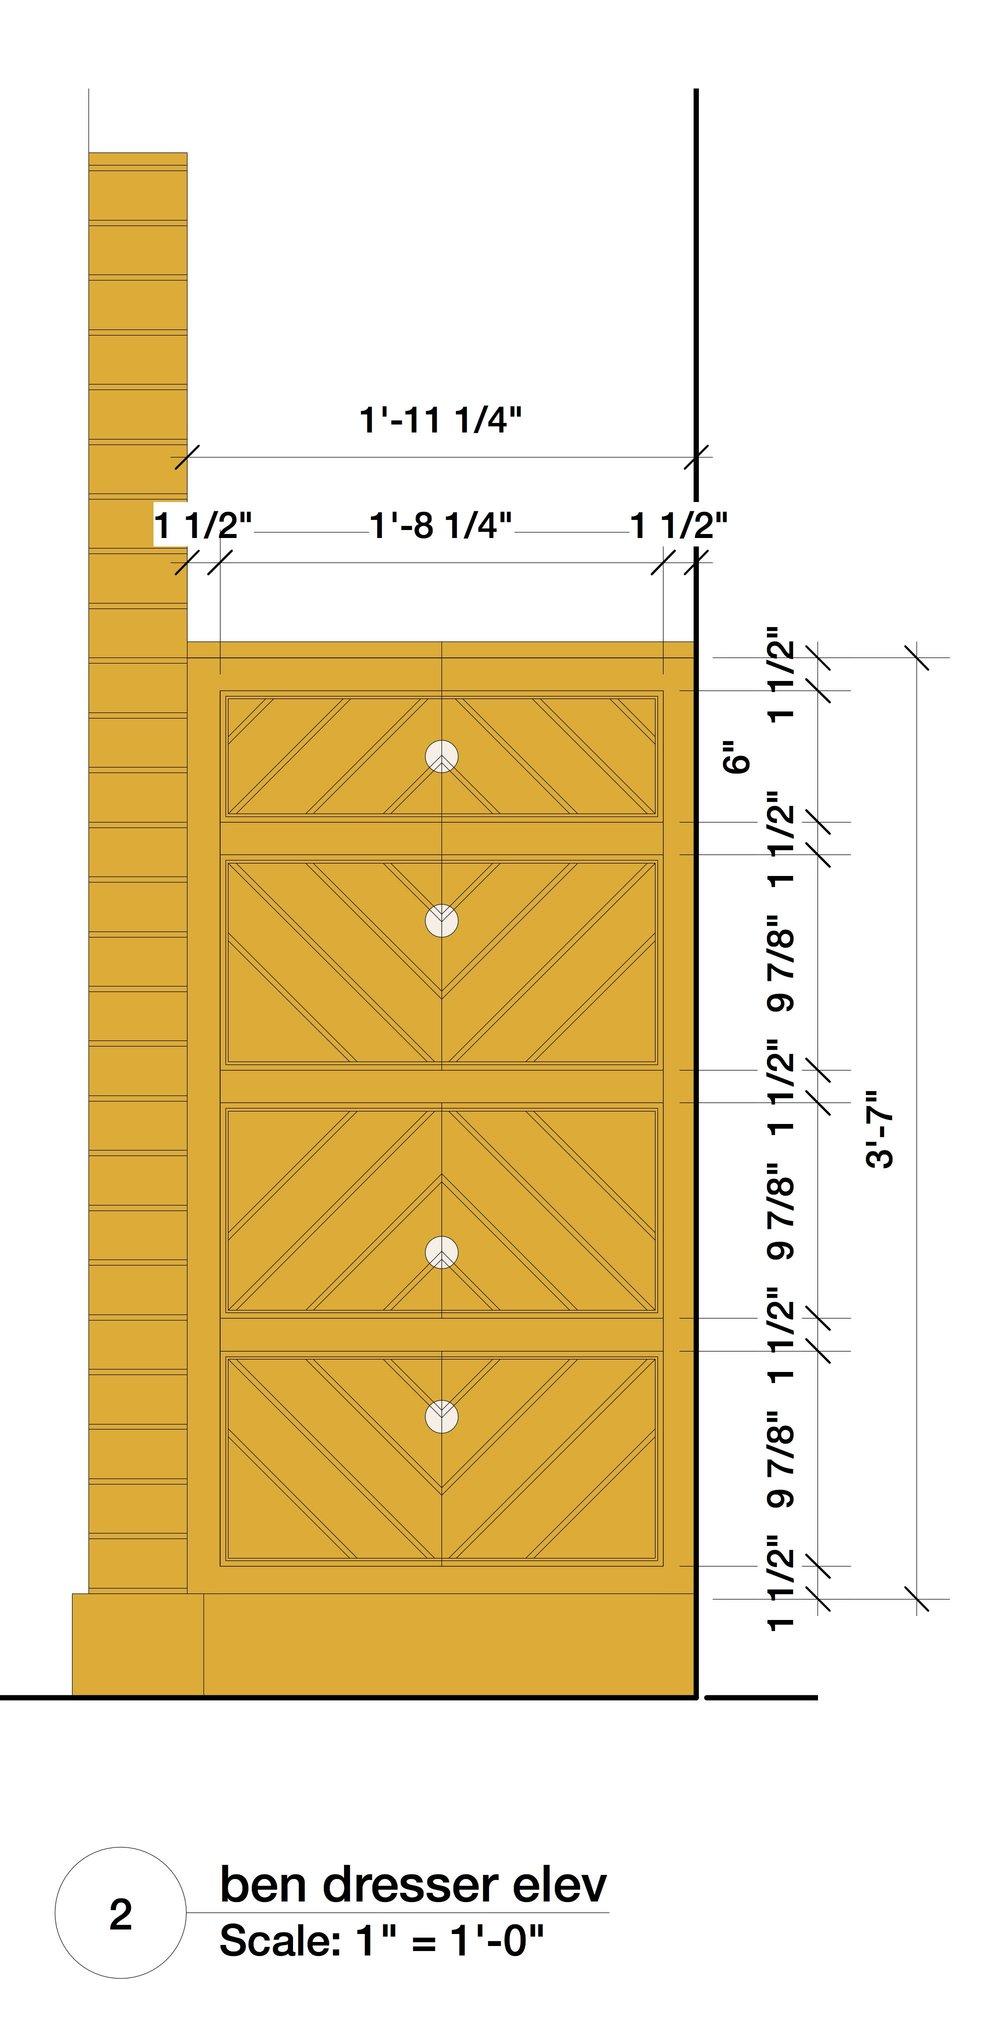 ben's dresser elevation.jpg